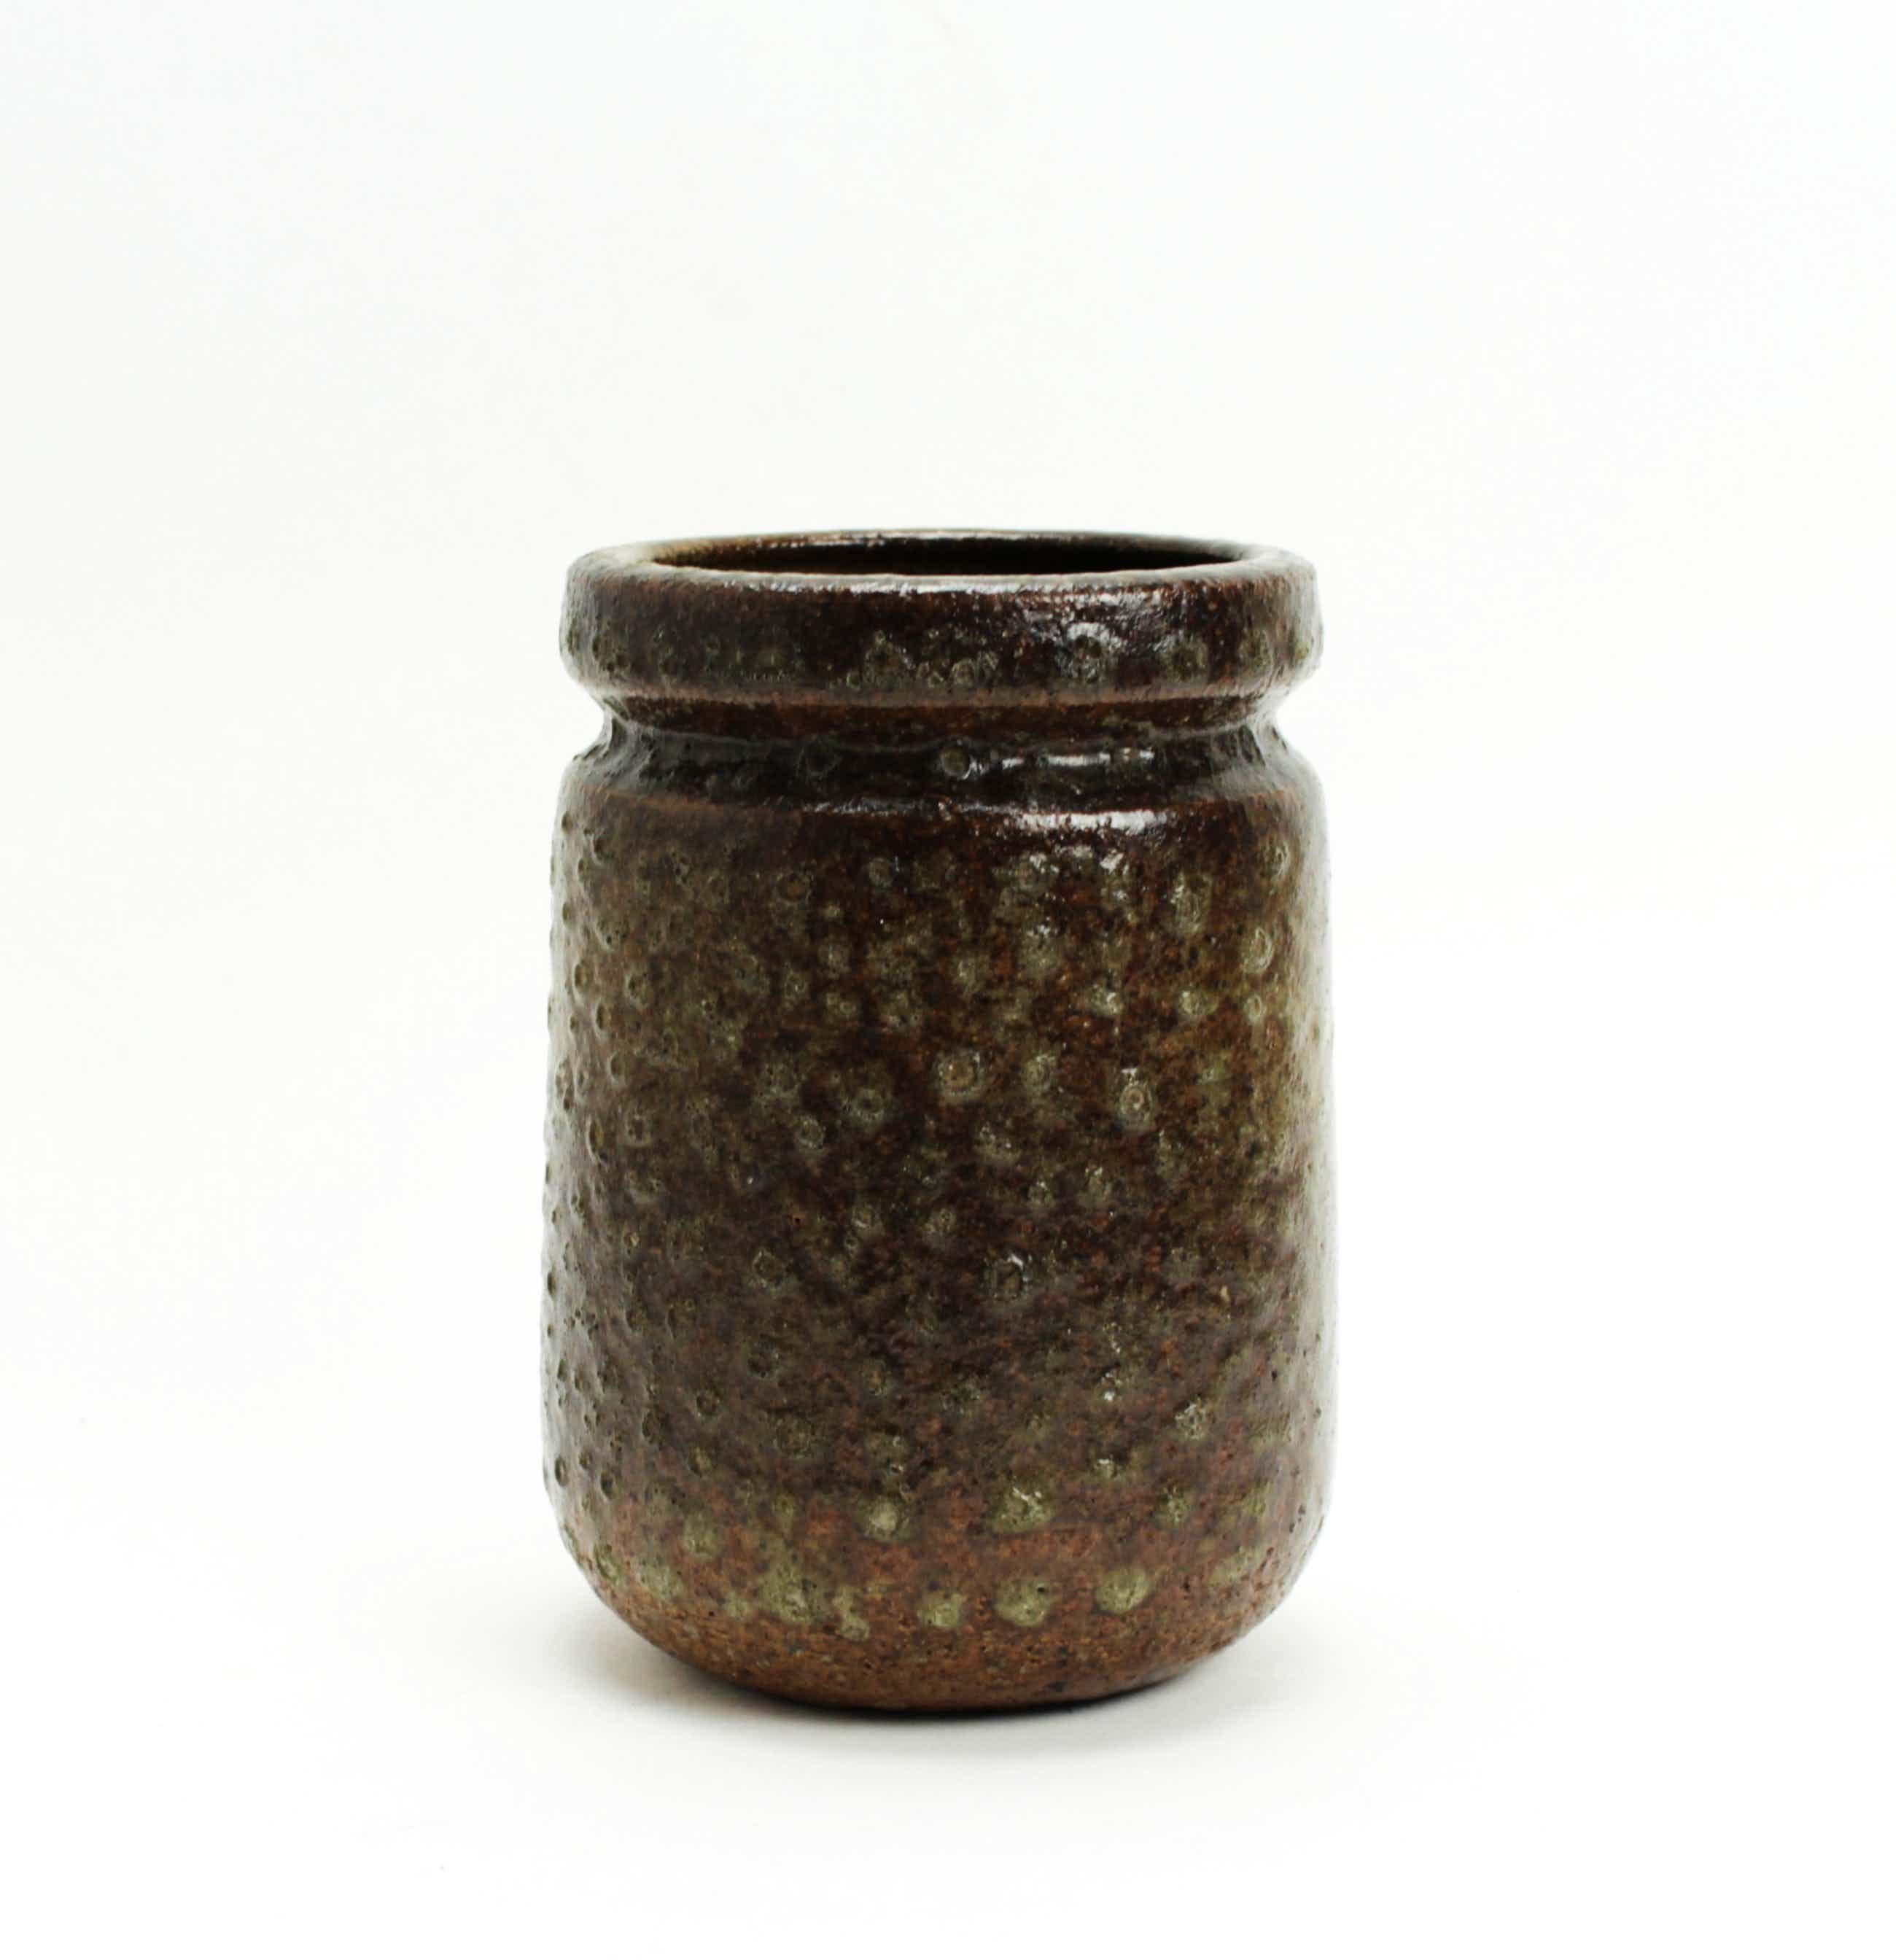 Potterij Zaalberg - aardewerk vaas - Laatste Kans! kopen? Bied vanaf 15!